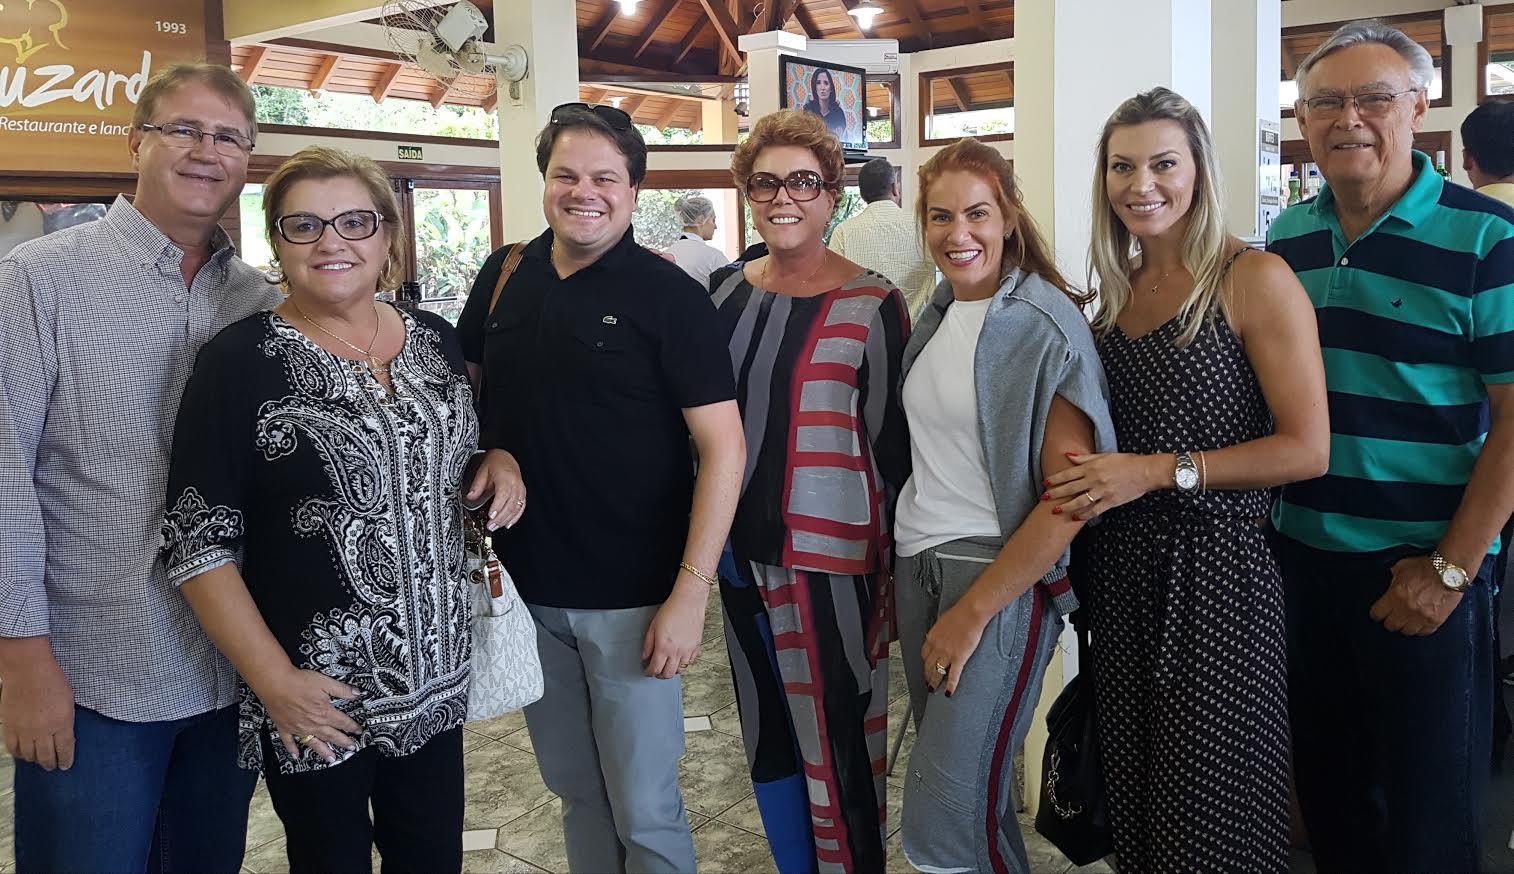 Luzardo Restaurante em Osório reúne 40 pessoas sob comando de Douglas Burigo.